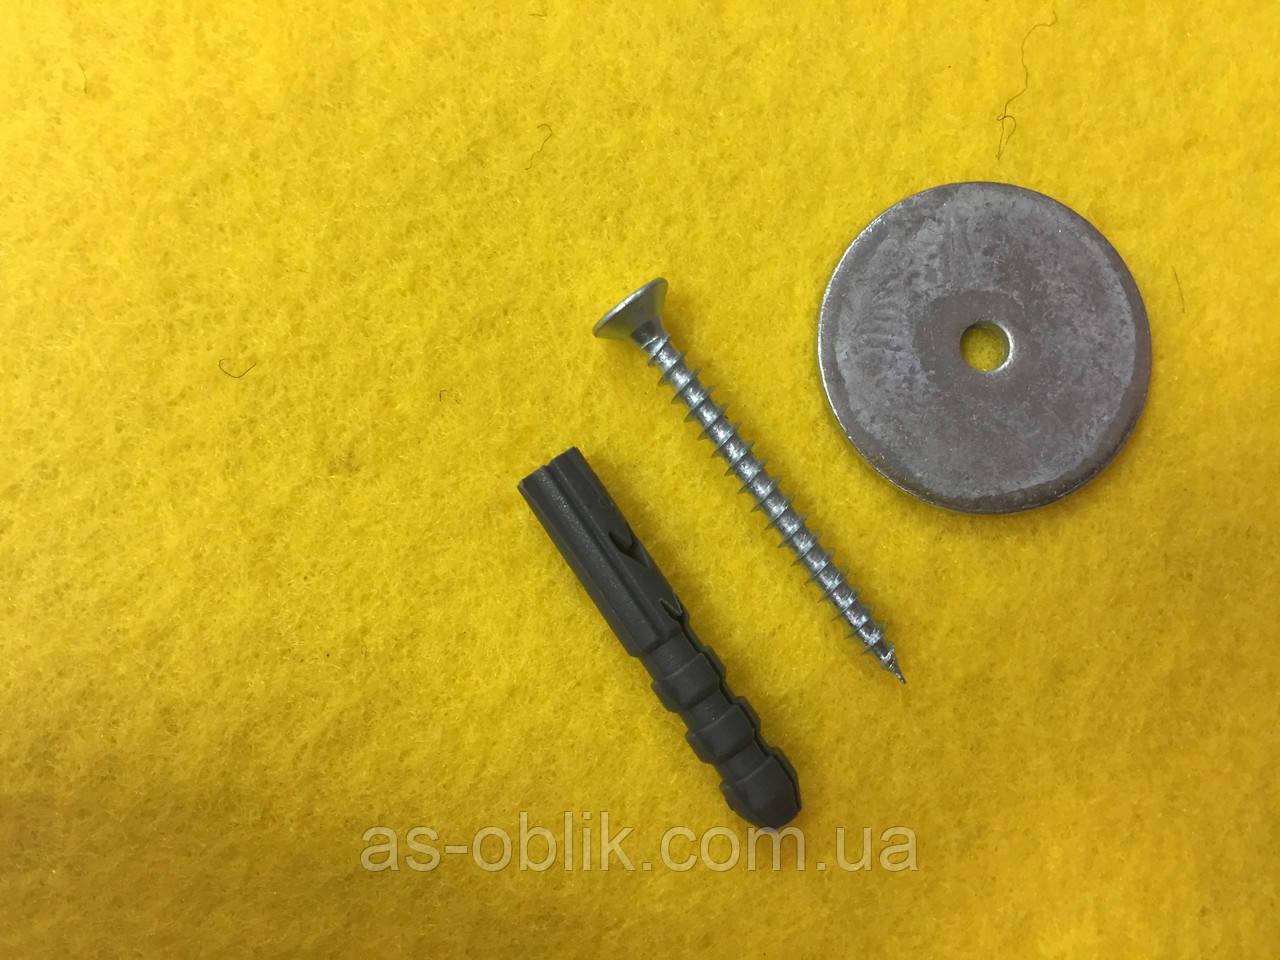 Комплект для крепления модульного покрытия №1